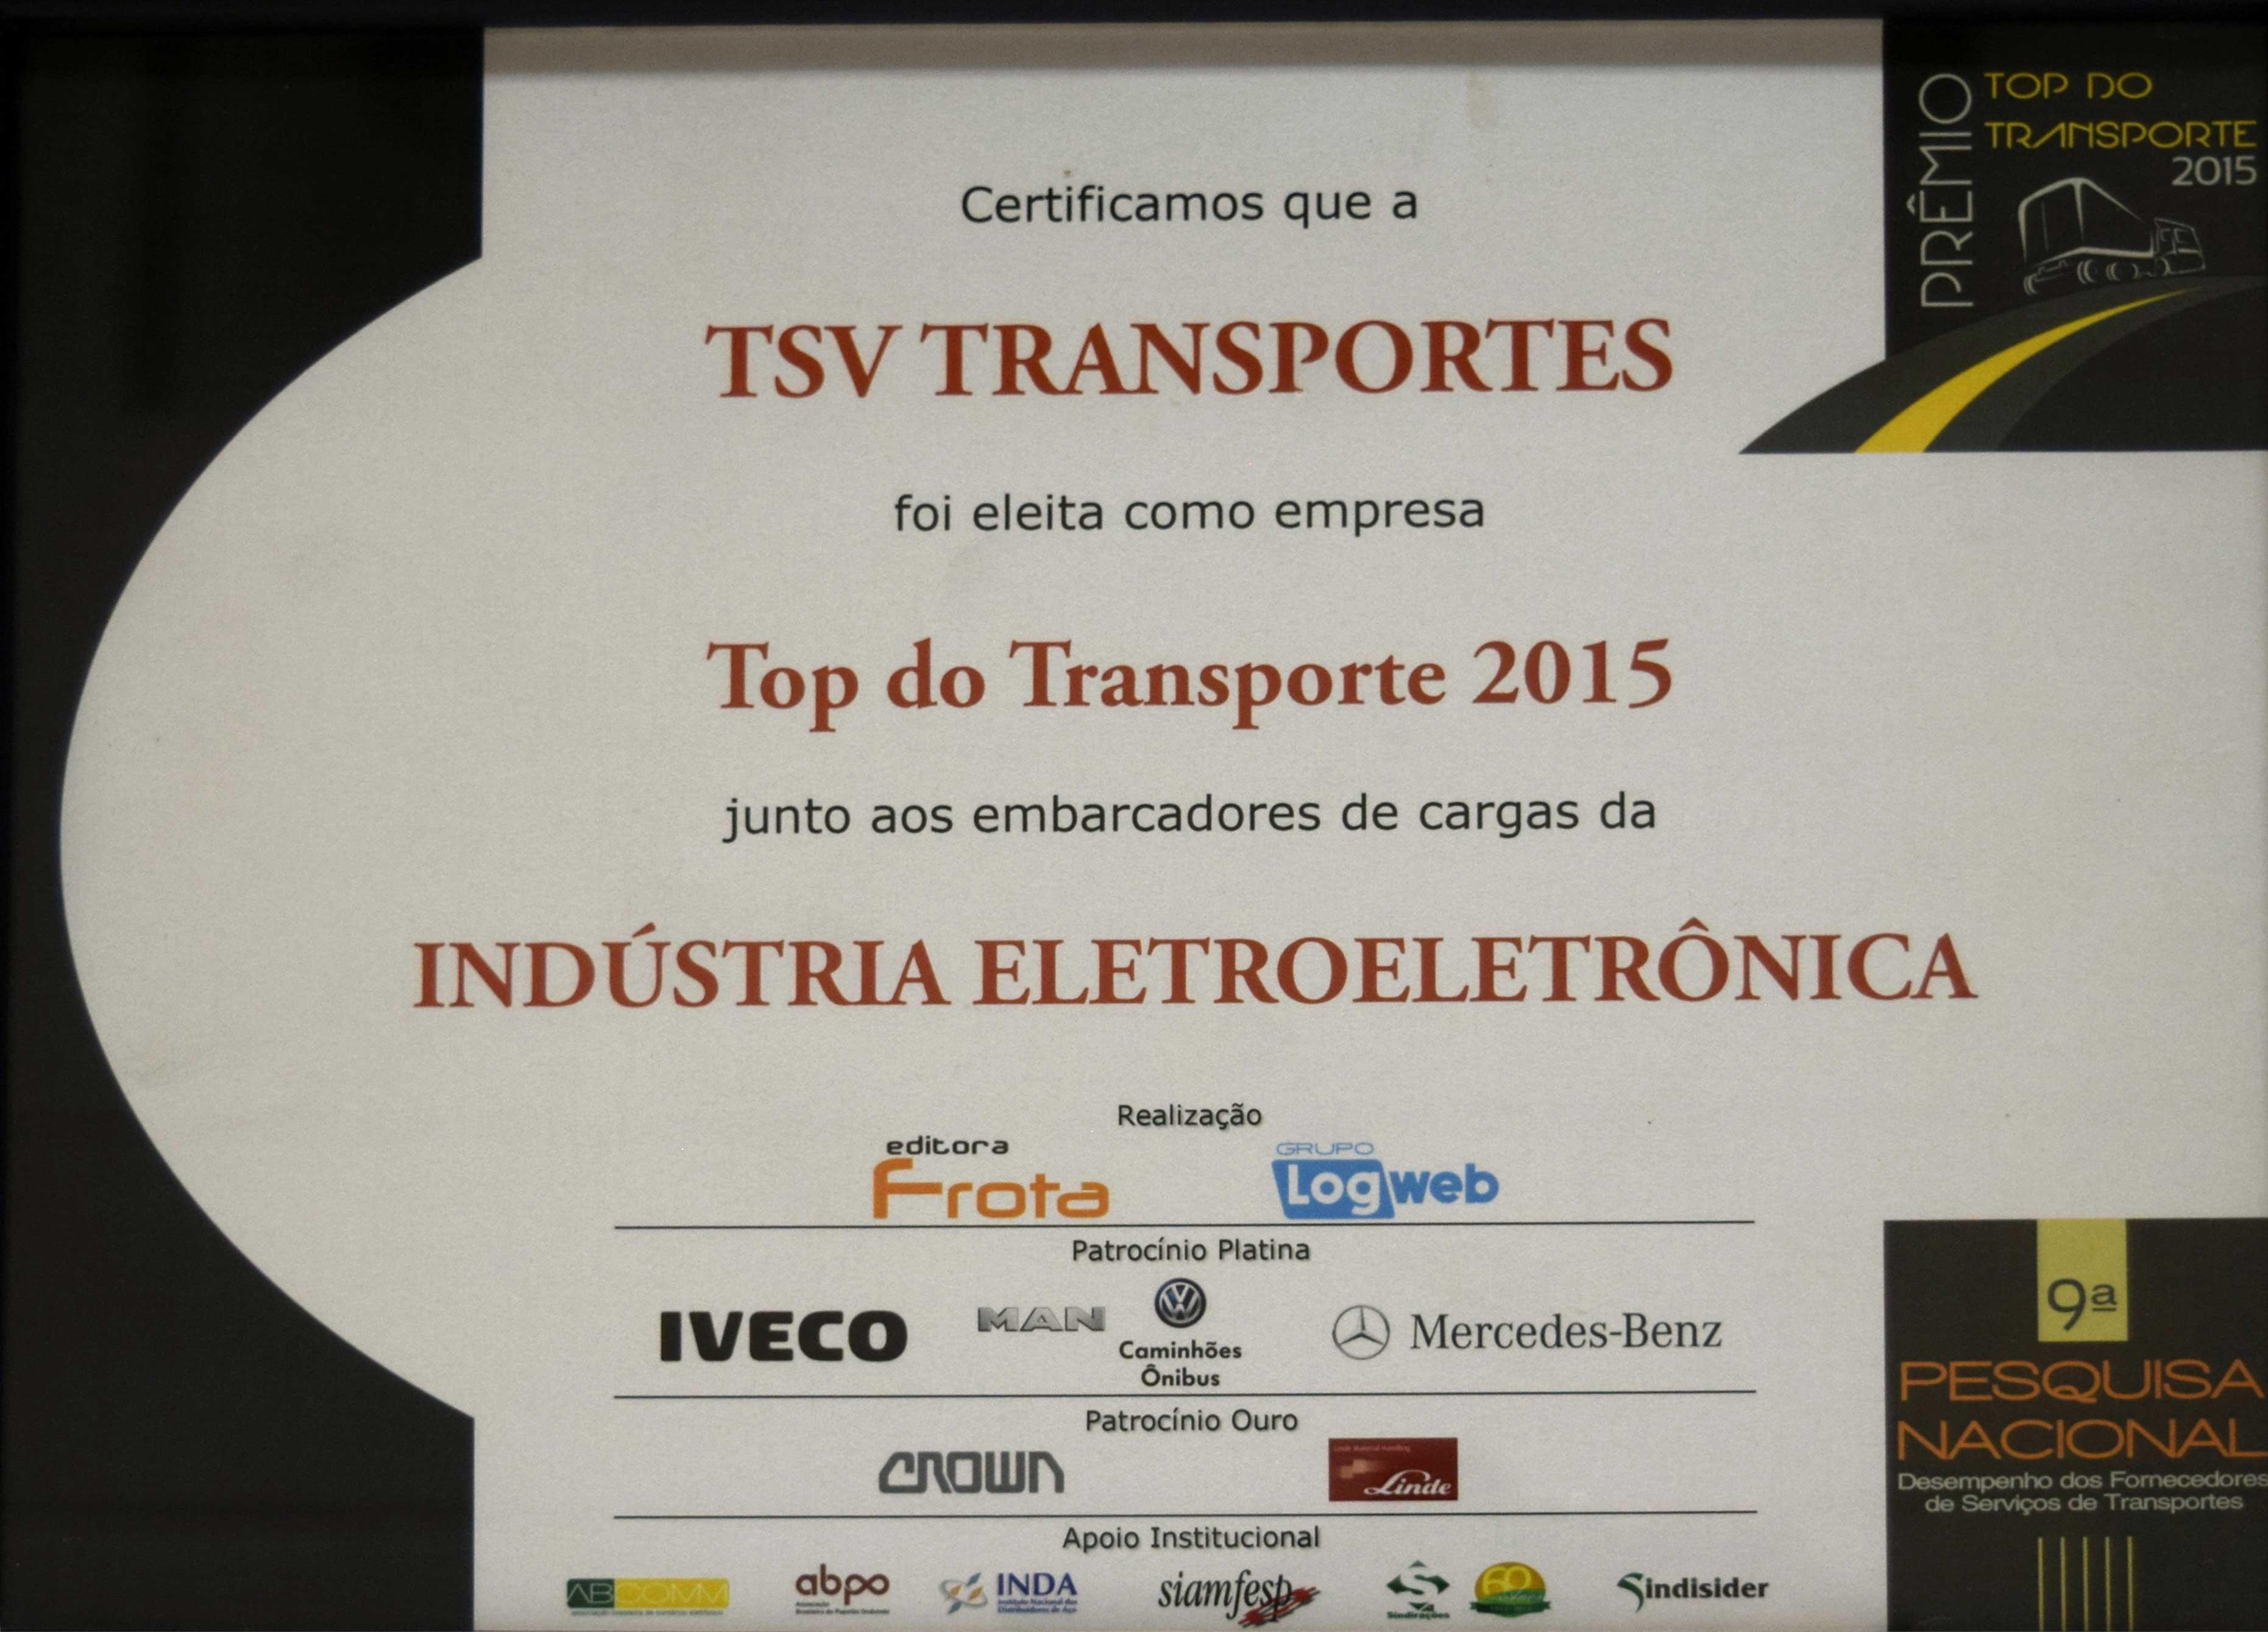 http://www.tsvtransportes.com.br/wp-content/uploads/2018/09/DSC_0172.jpg